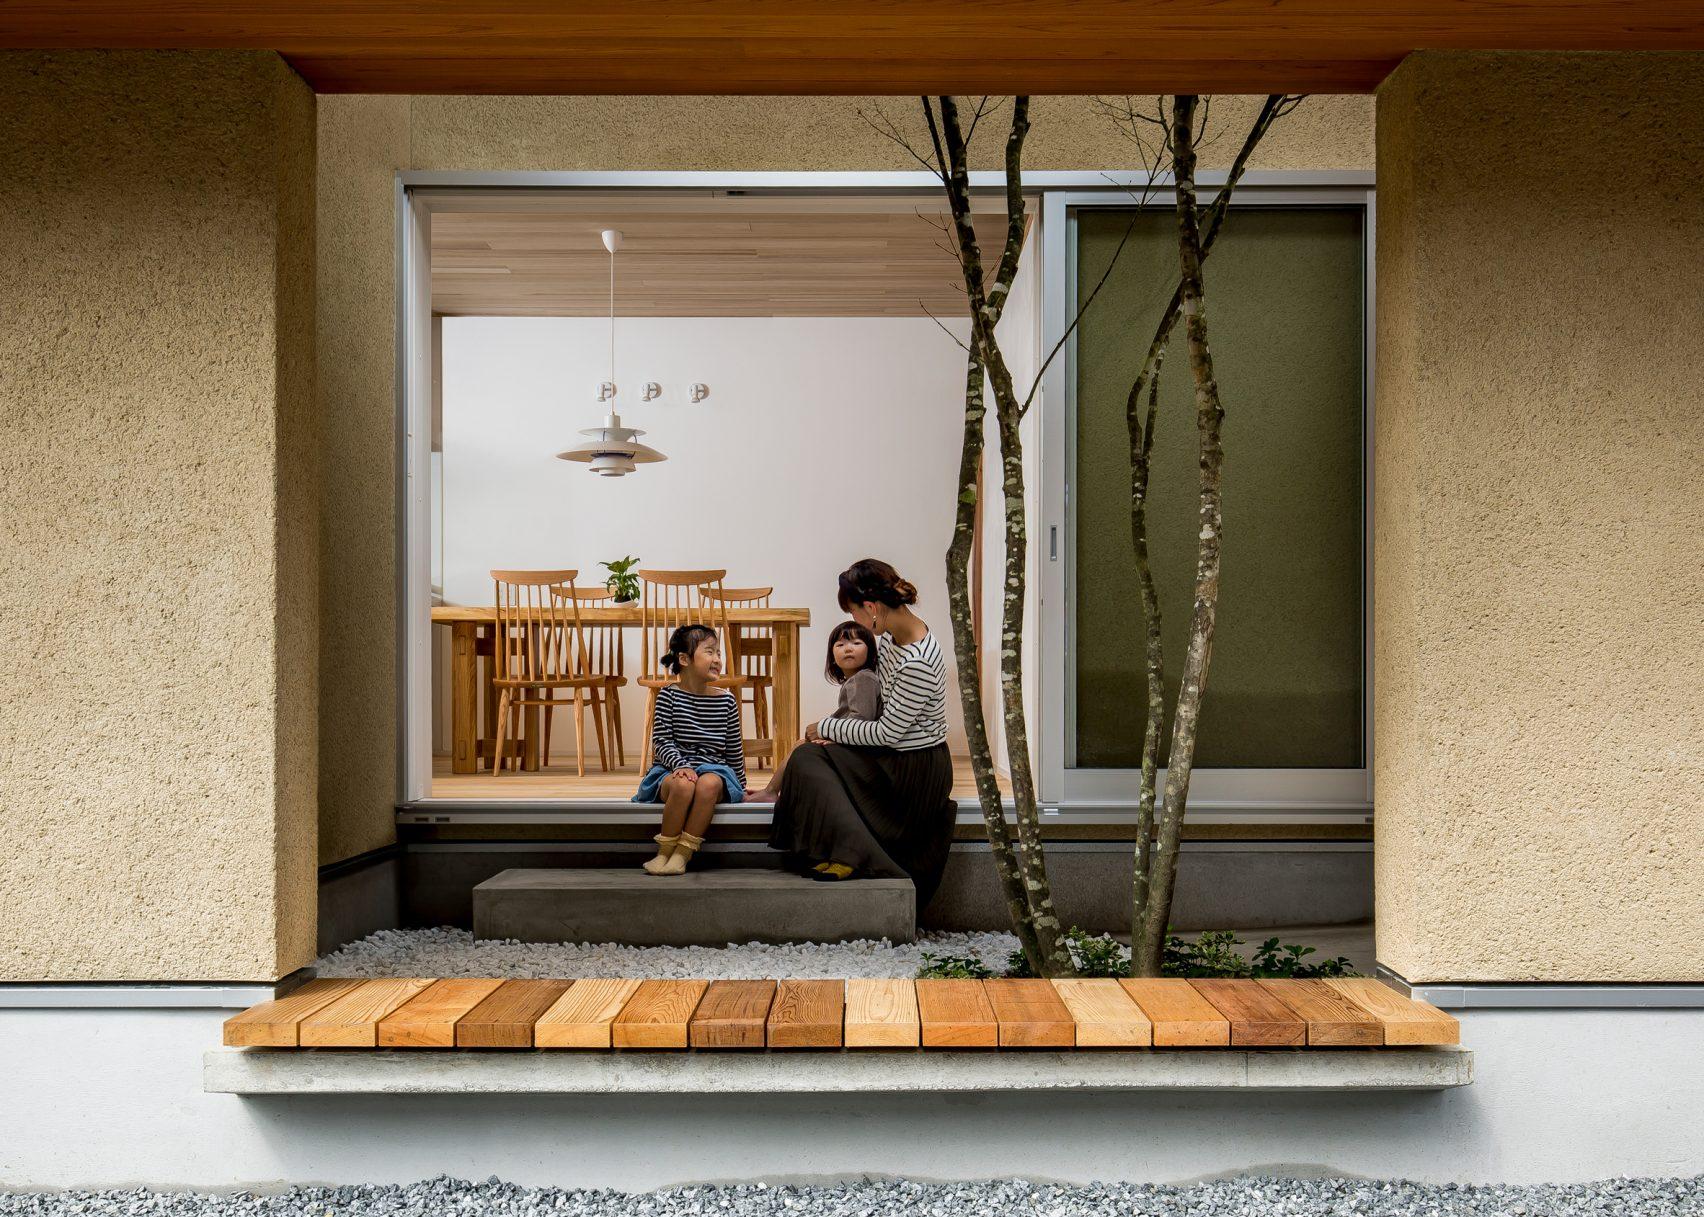 Ngôi nhà có khoảng sân vườn thiết kế nghệ thuật giúp từng góc nhỏ bên trong đều đẹp như tranh vẽ - Ảnh 1.